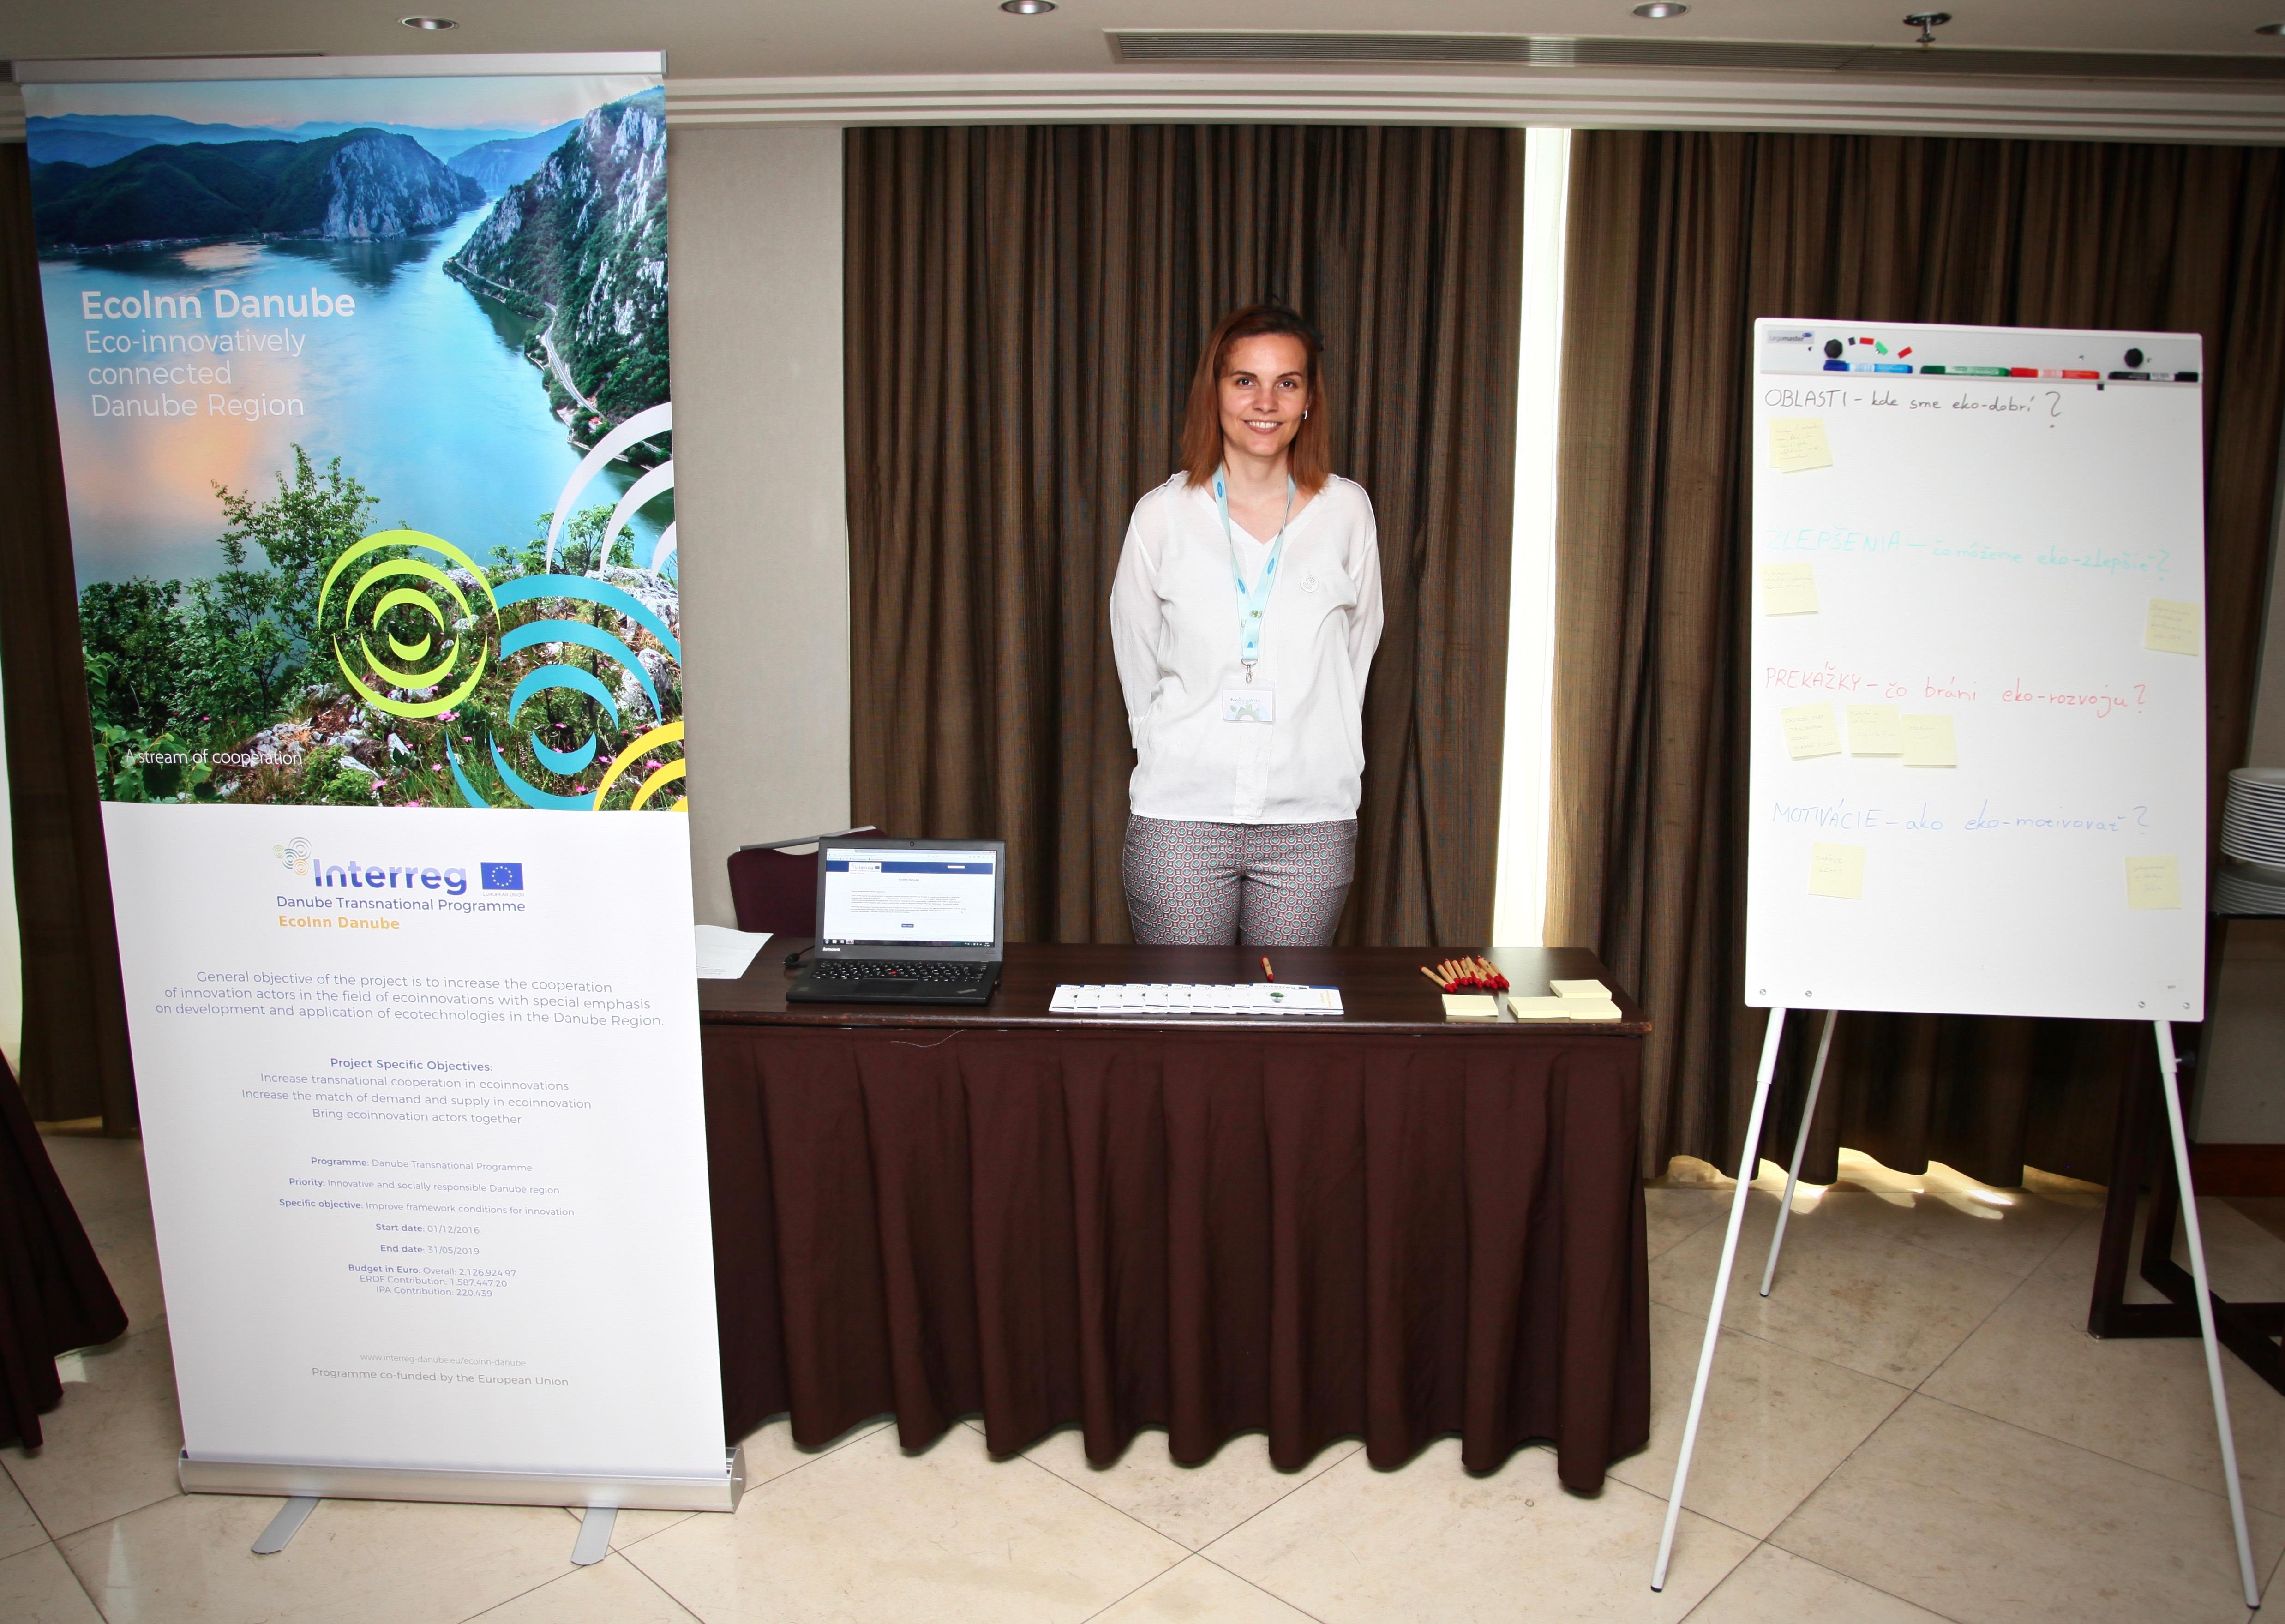 25a75abb42d CUSP presented project EcoInn Danube in their own stand